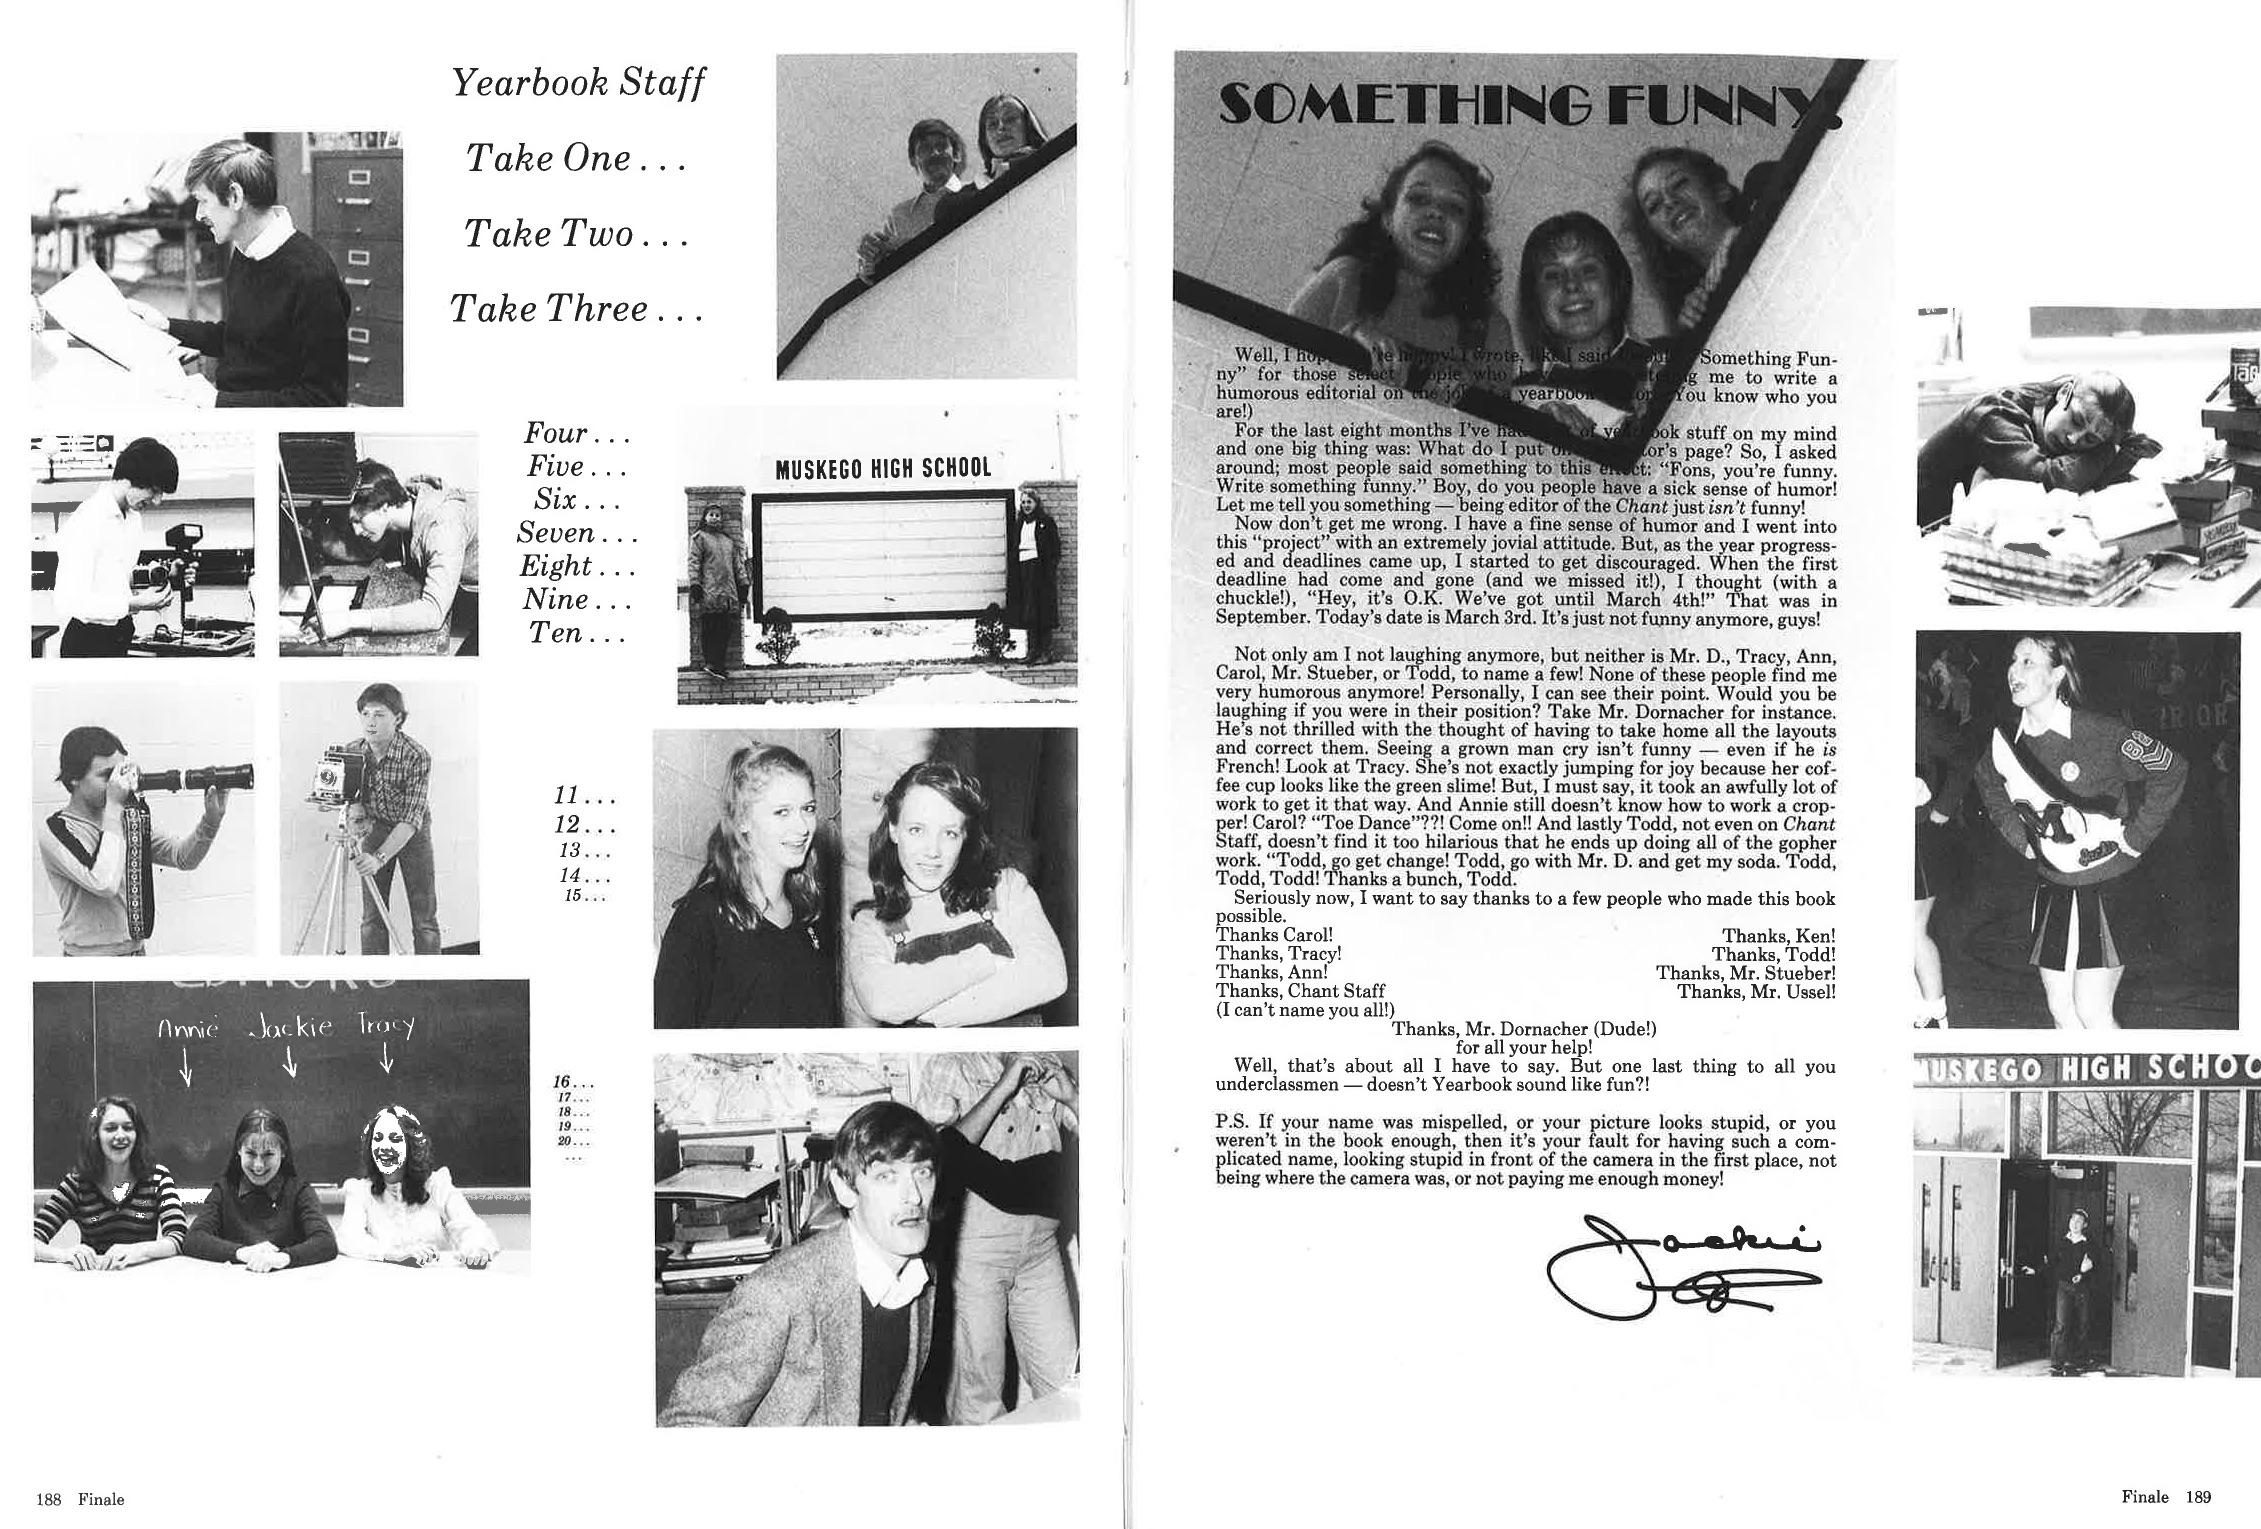 1982_Yearbook_188.jpg